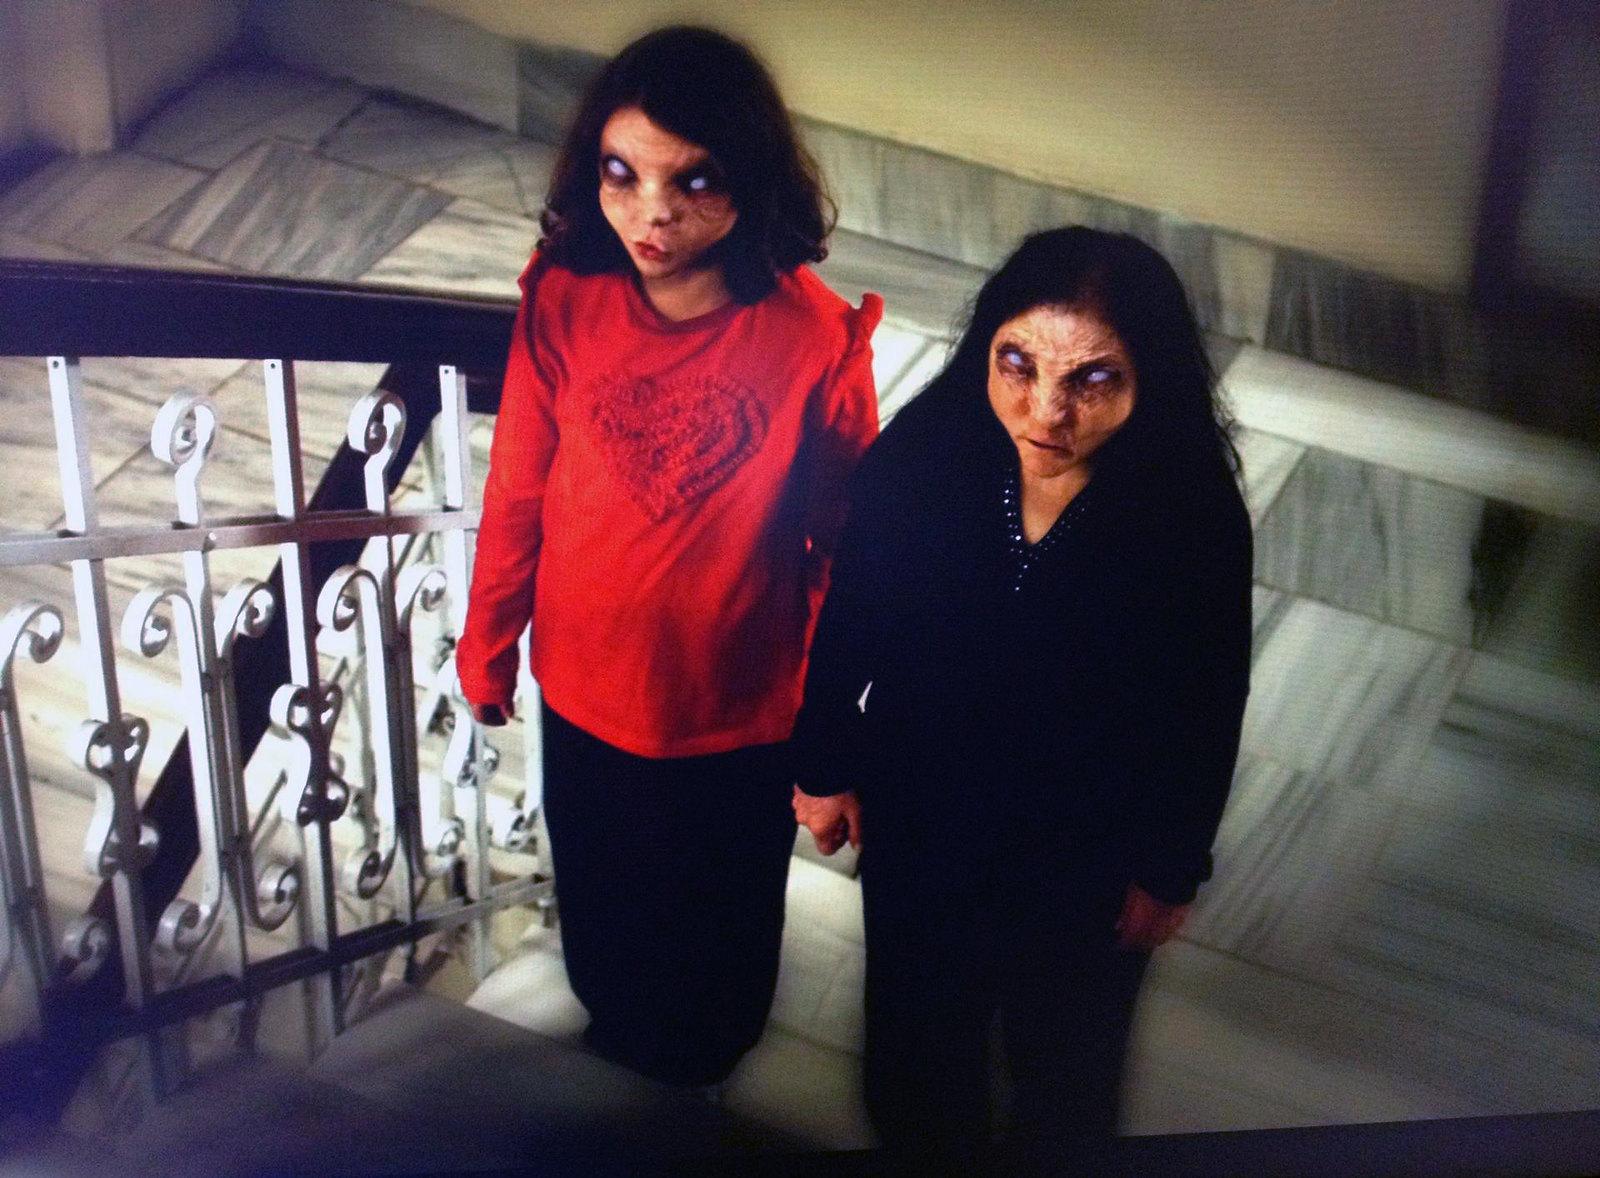 El Cin Filminin Deneme Gösteriminde Salondan Kaçtılar